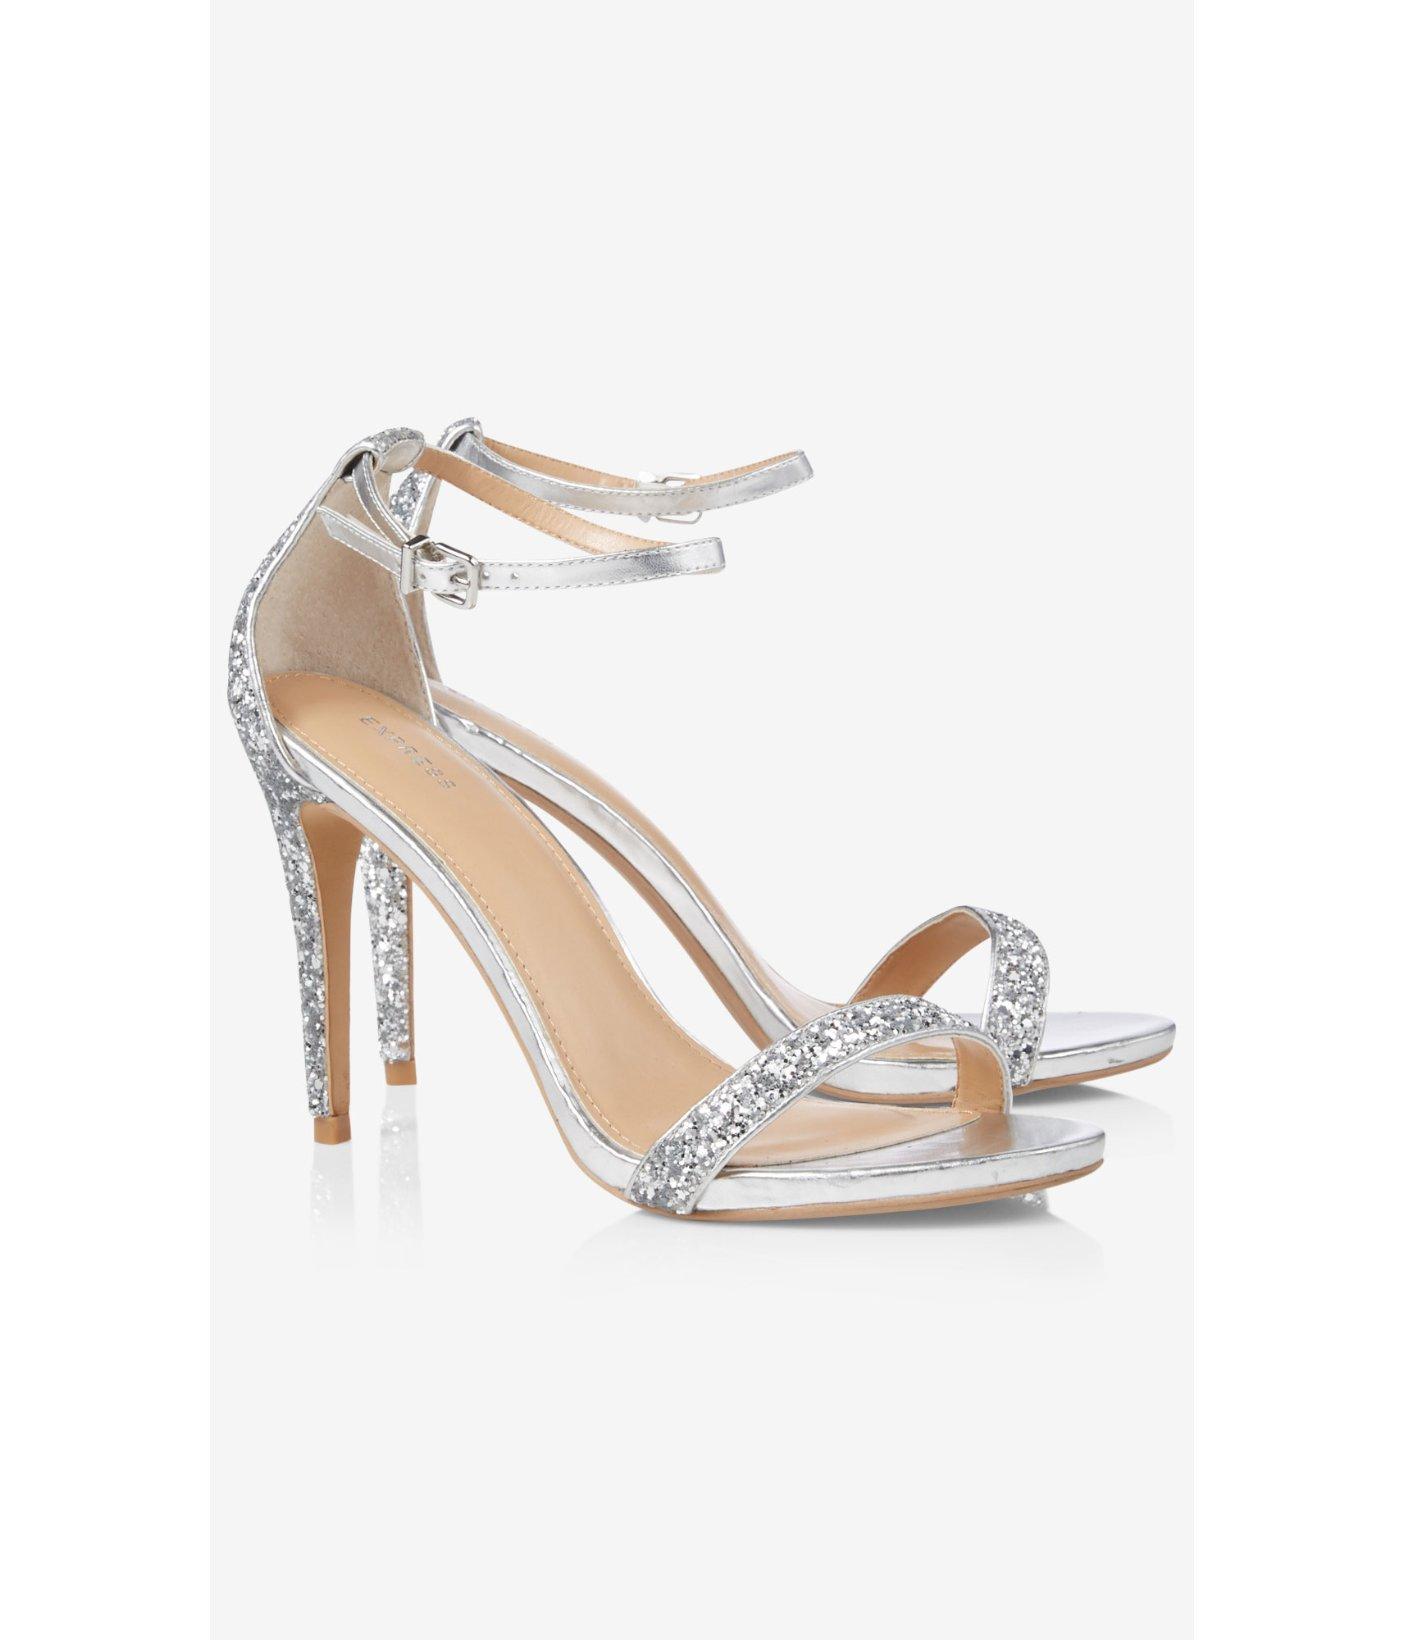 Express Silver Glitter Sleek Heeled